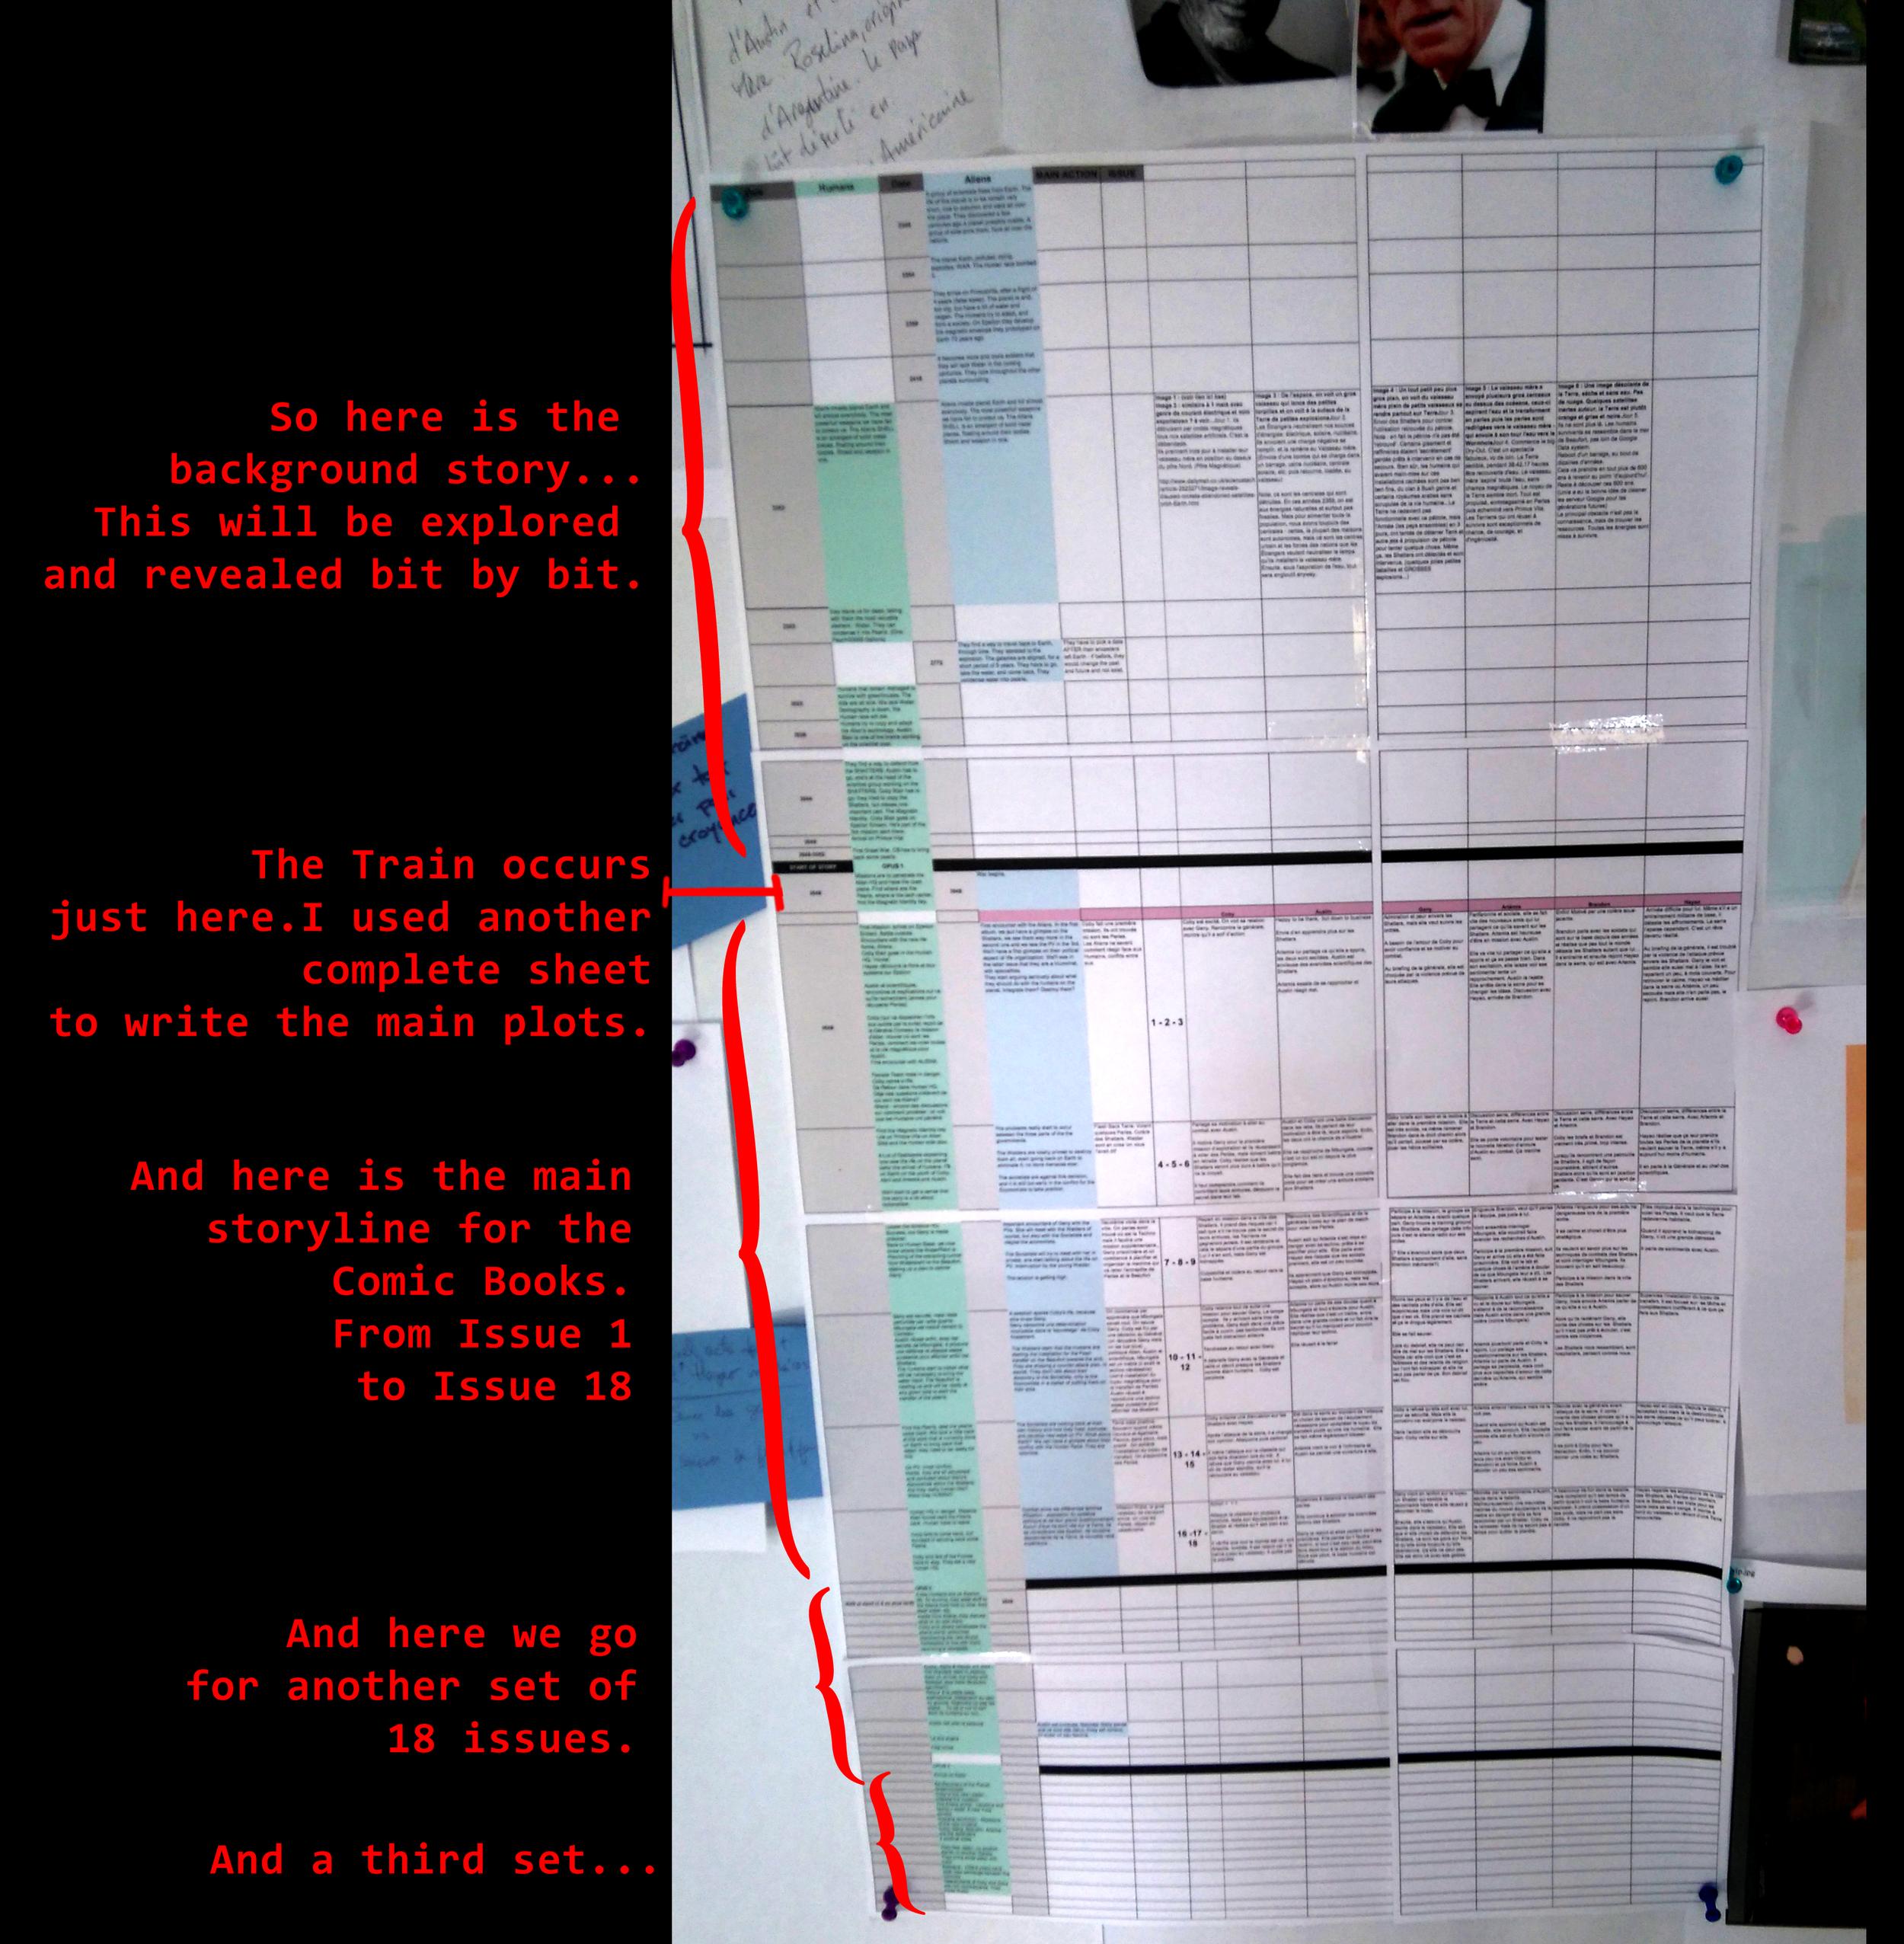 Super Excel sheet!